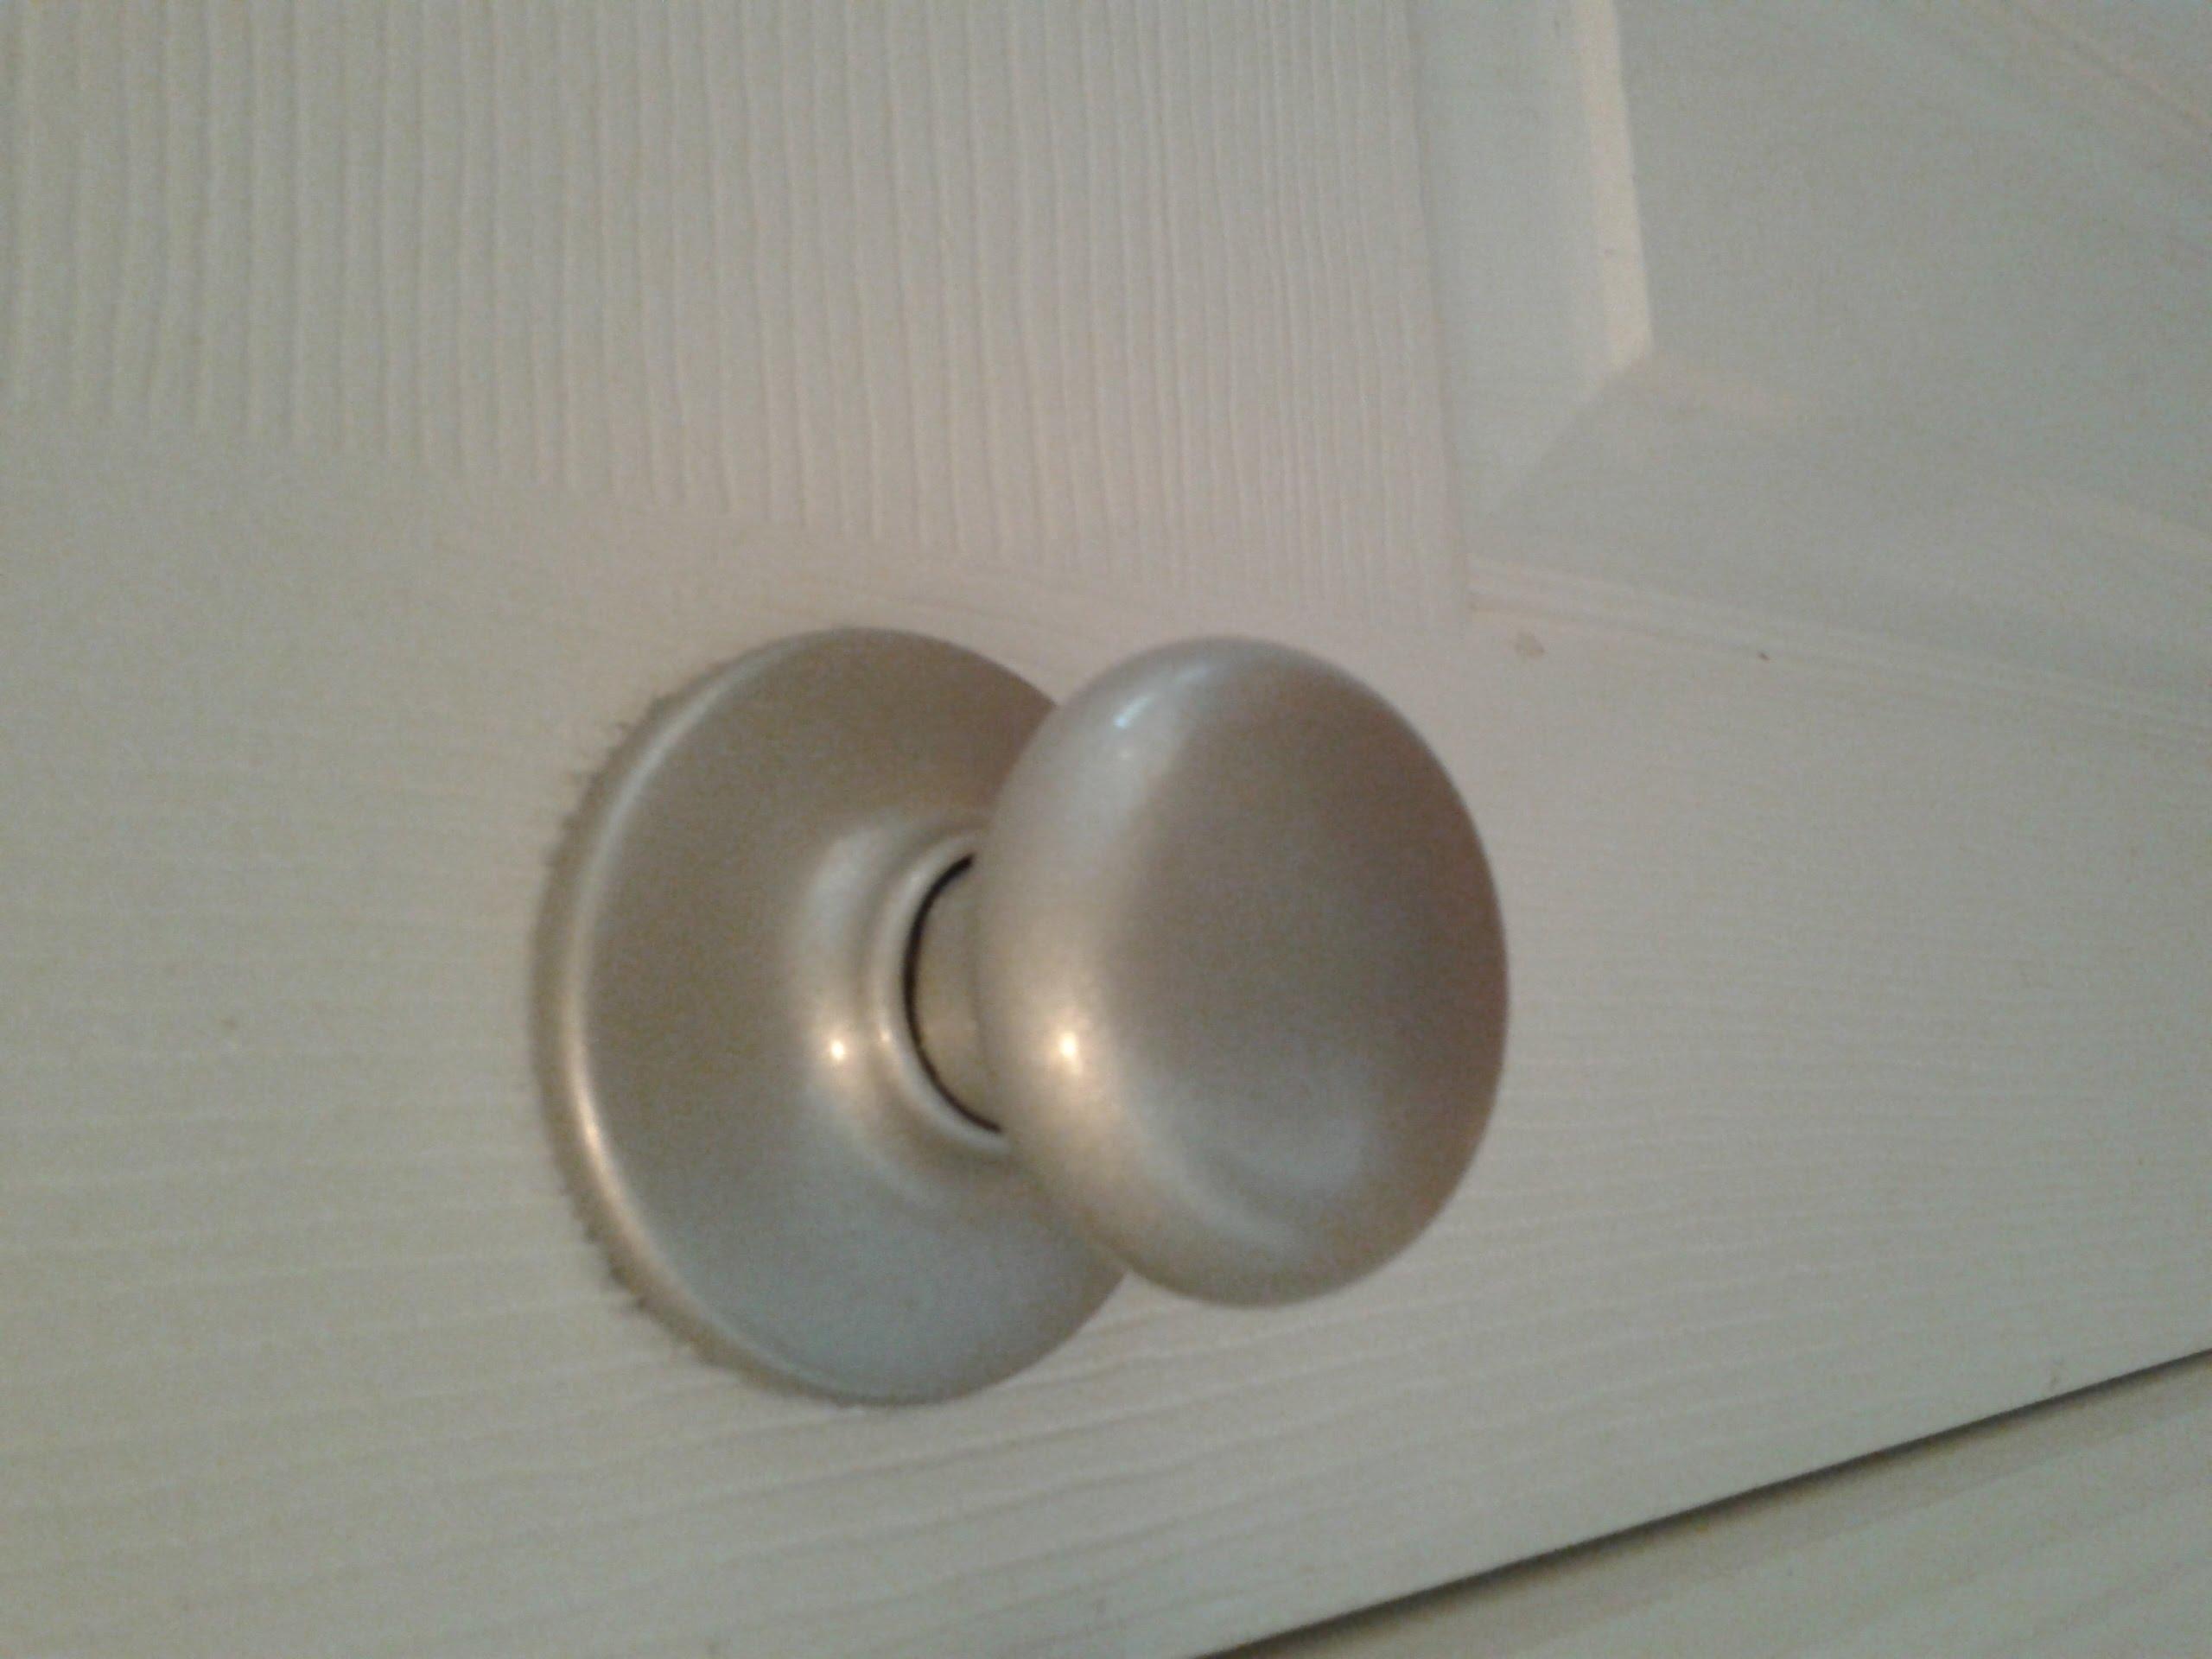 inexpensive door knobs photo - 8